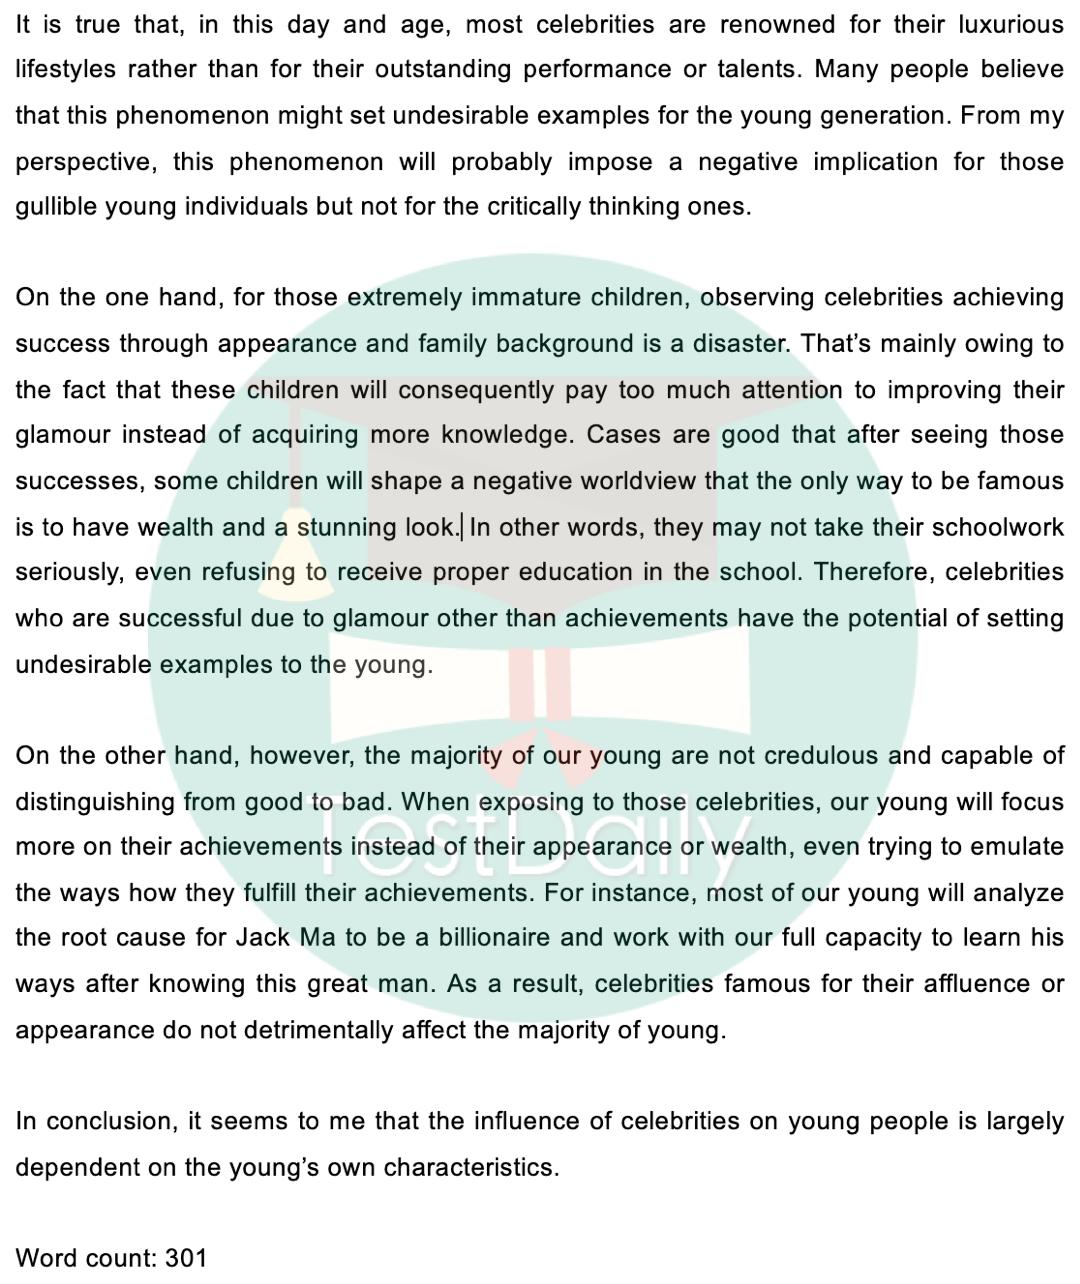 2020年12月12日雅思考试真题:大作文题目及高分范文